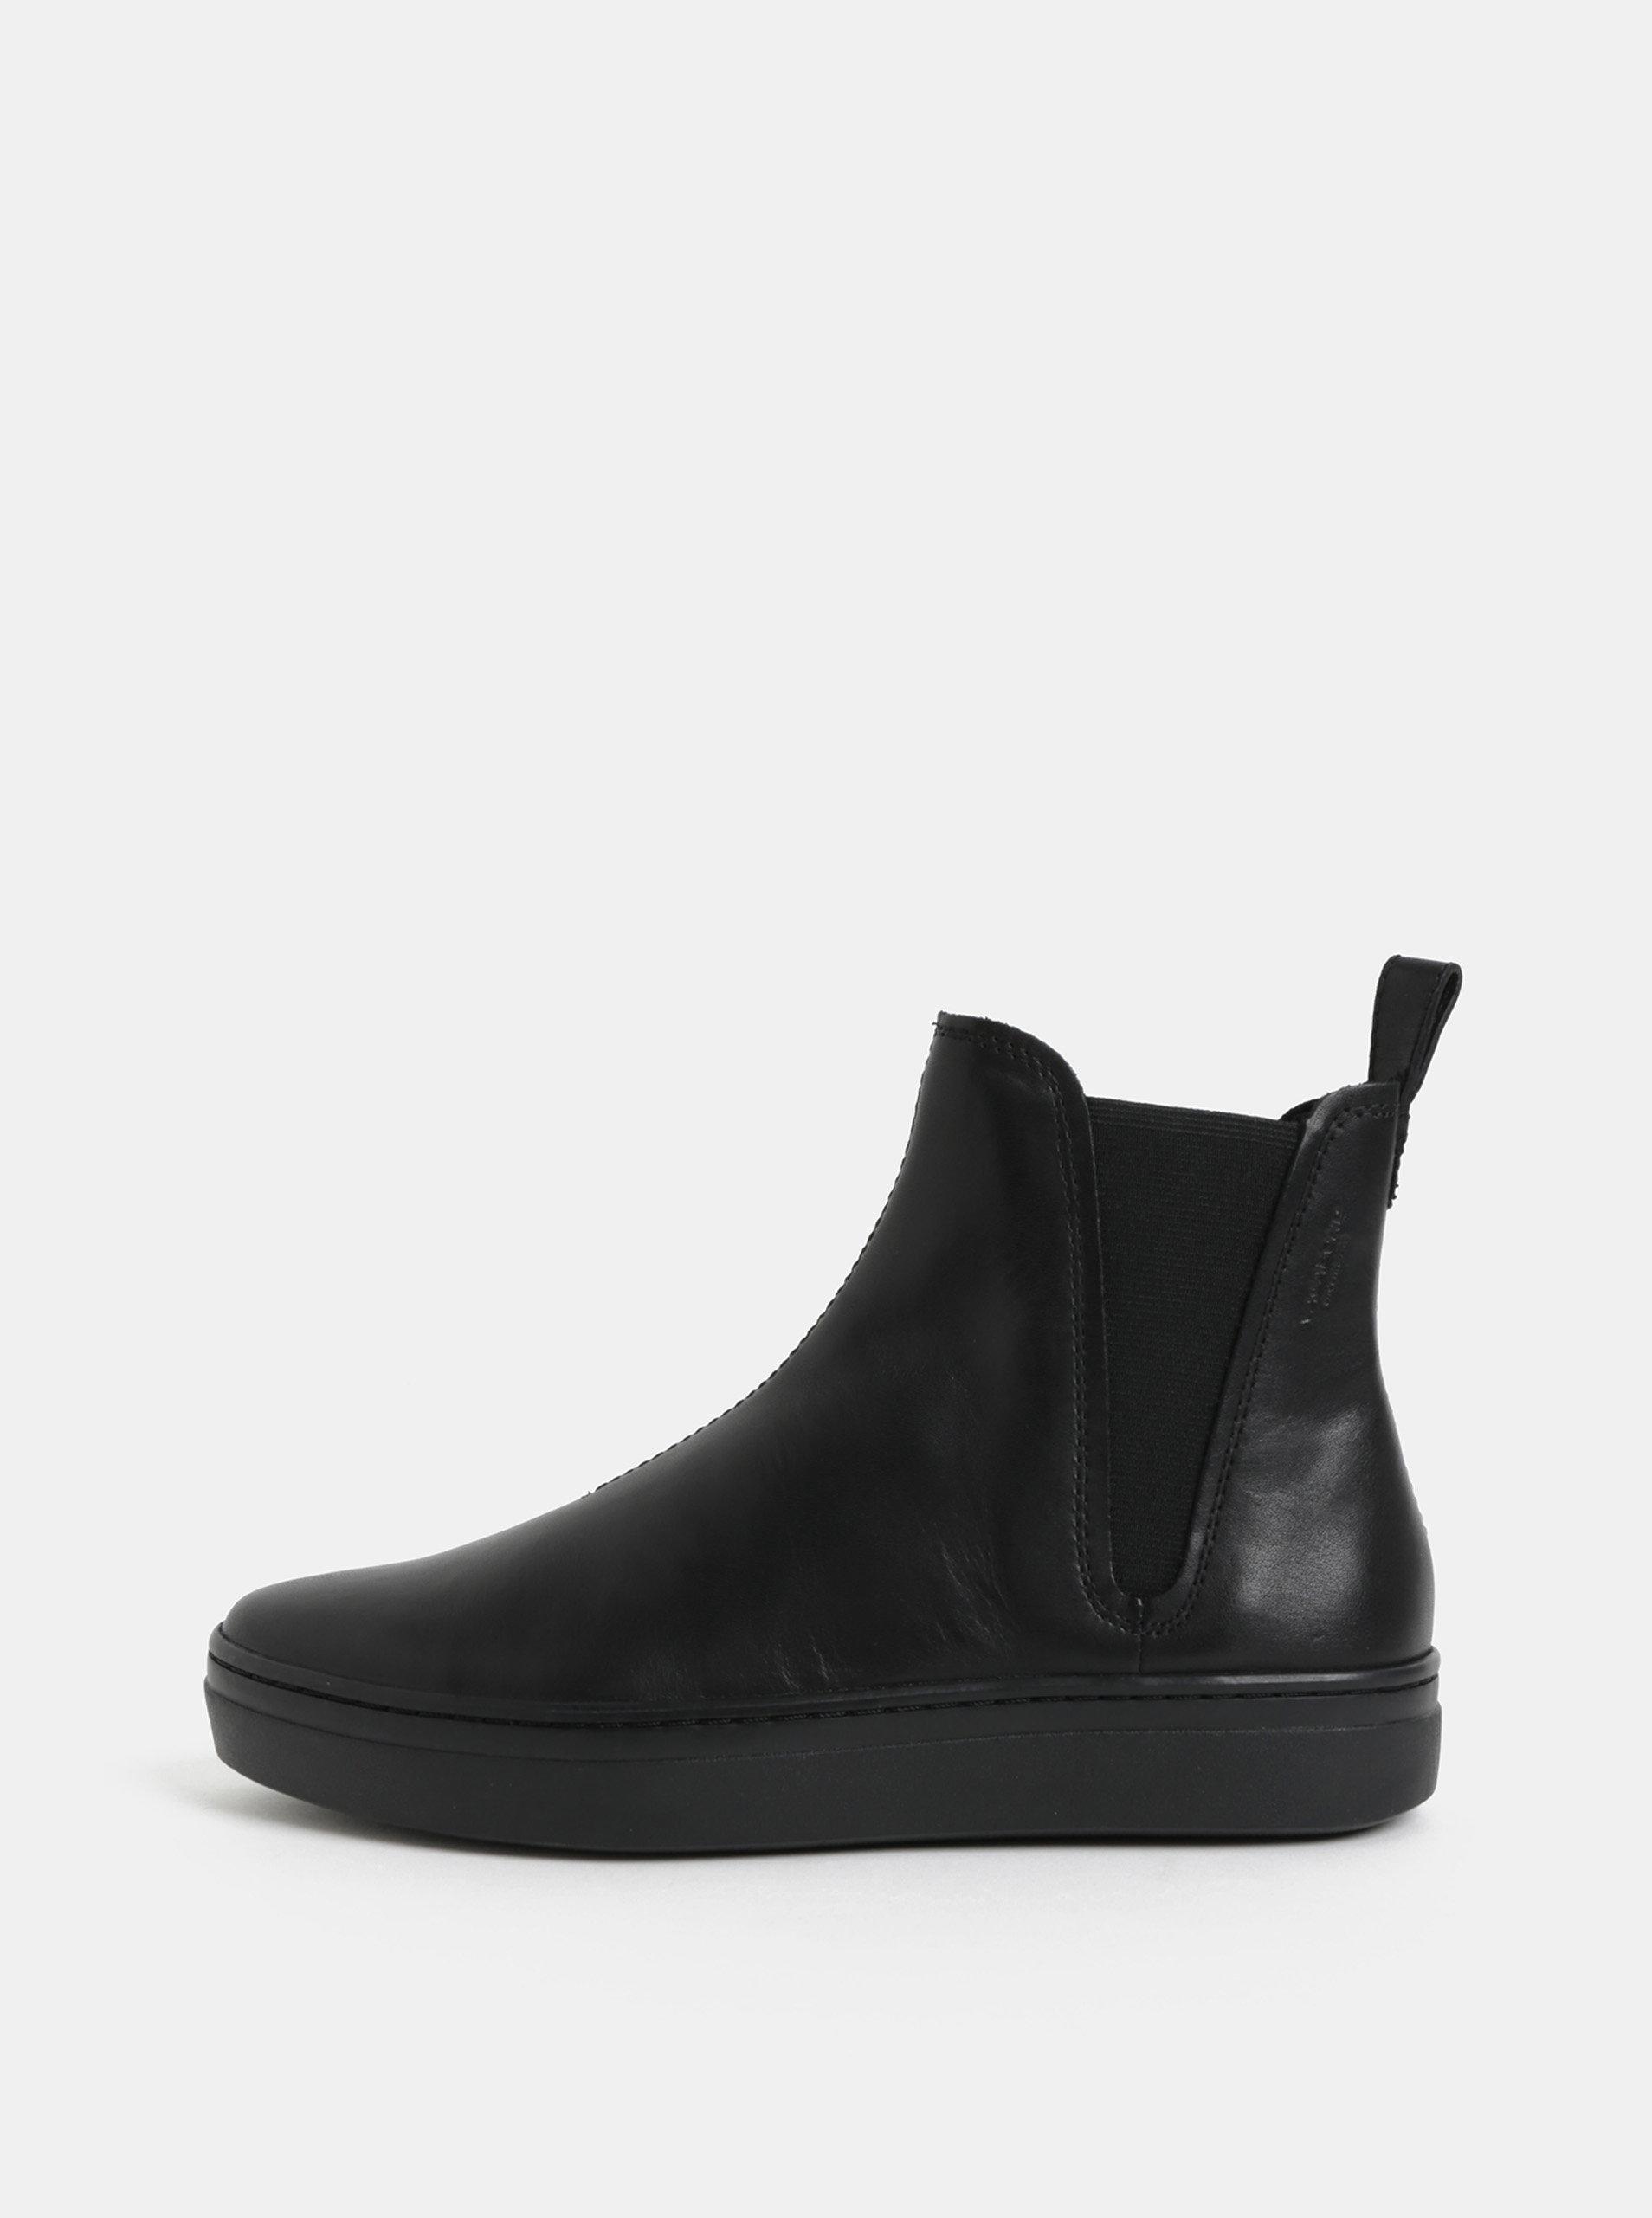 Černé dámské kožené chelsea boty Vagabond Camille